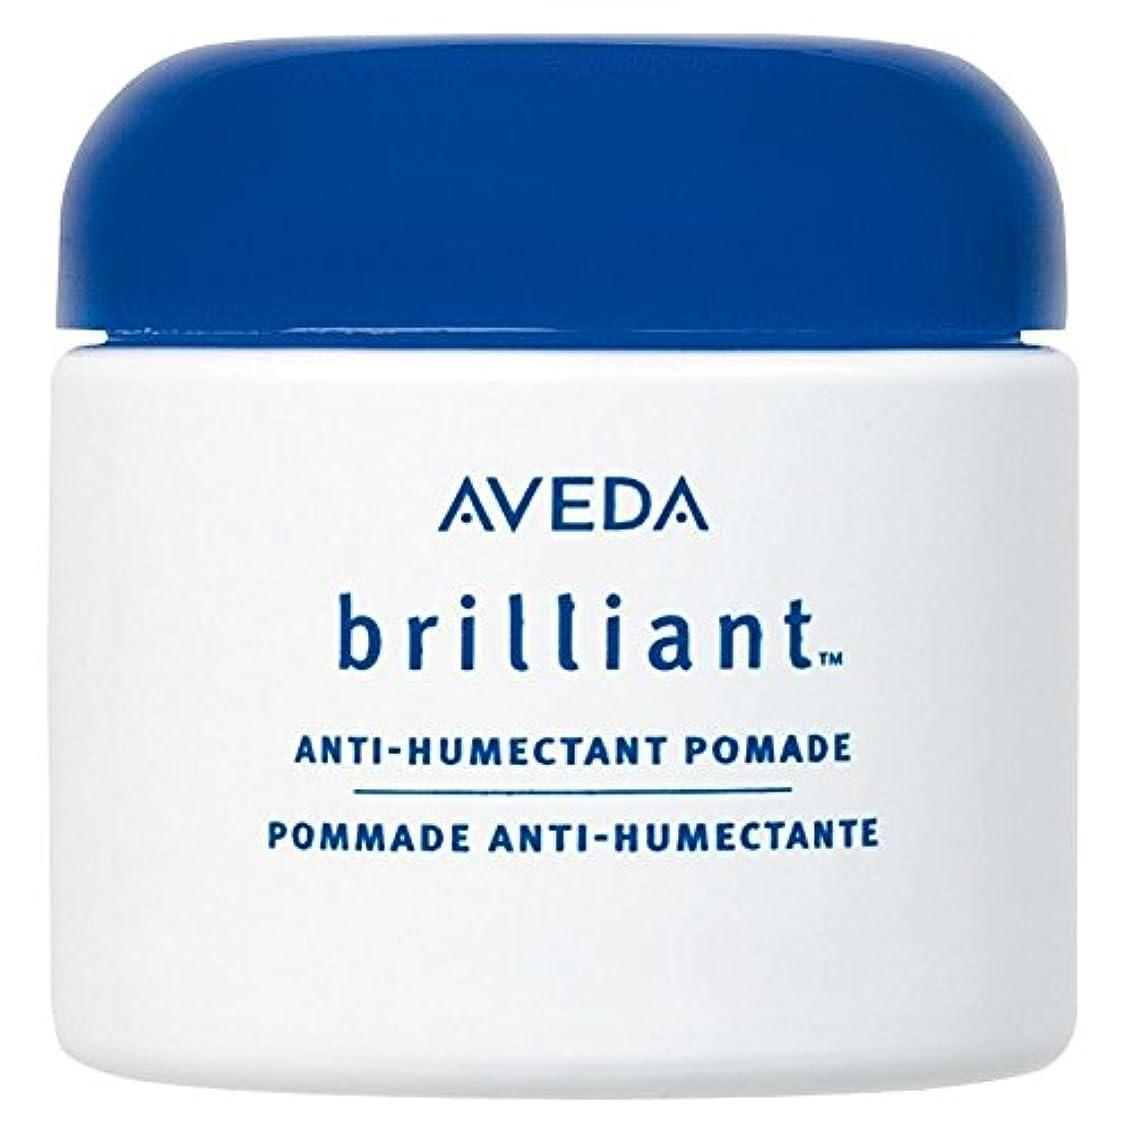 に話すゴムハッピー[AVEDA] アヴェダ華麗な抗湿潤剤のポマードの75ミリリットル - Aveda Brilliant Anti-Humectant Pomade 75ml [並行輸入品]